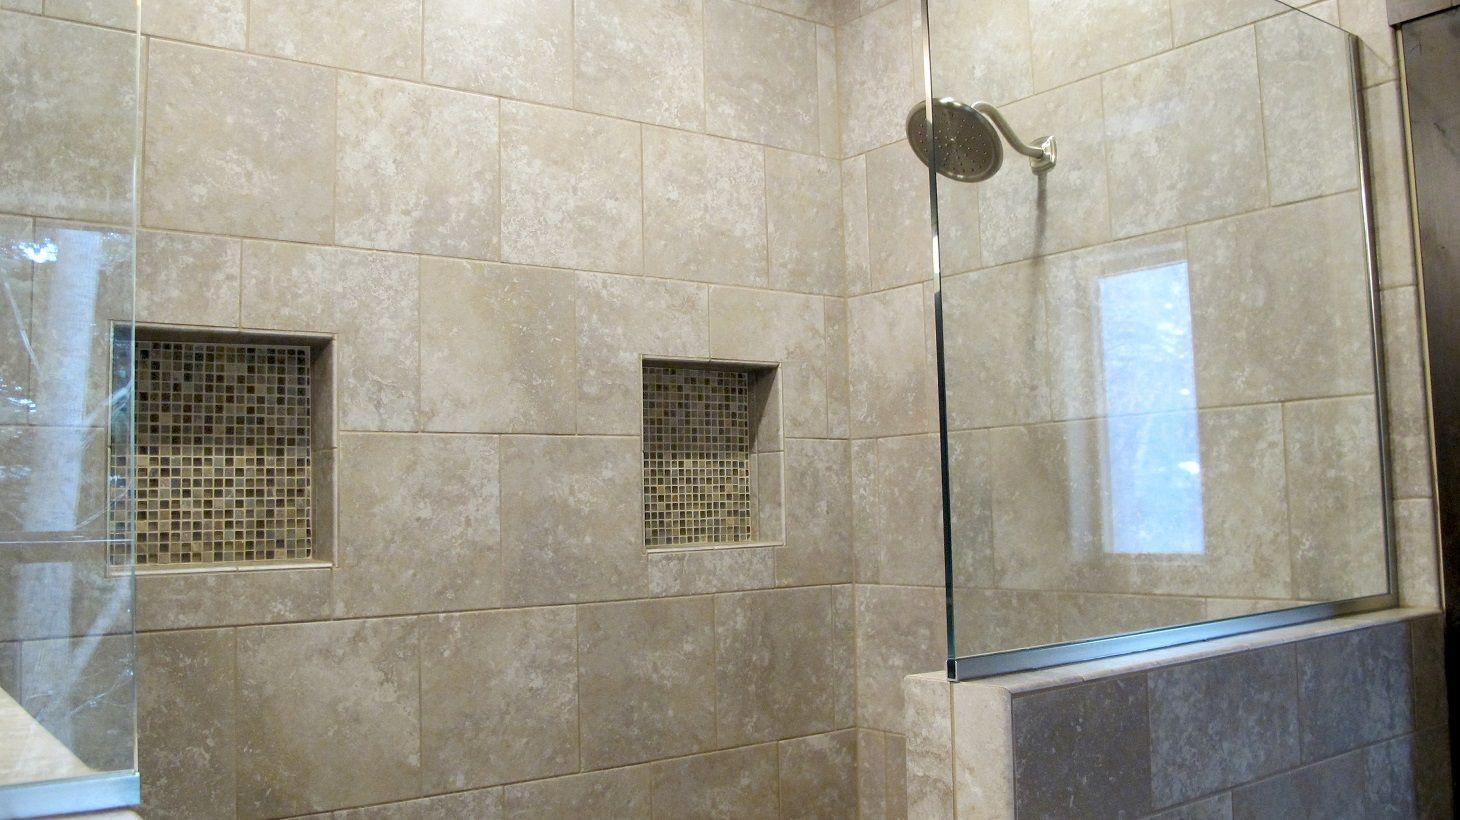 Shower Master Bathroom Suite Glass Partition Walk In Niche